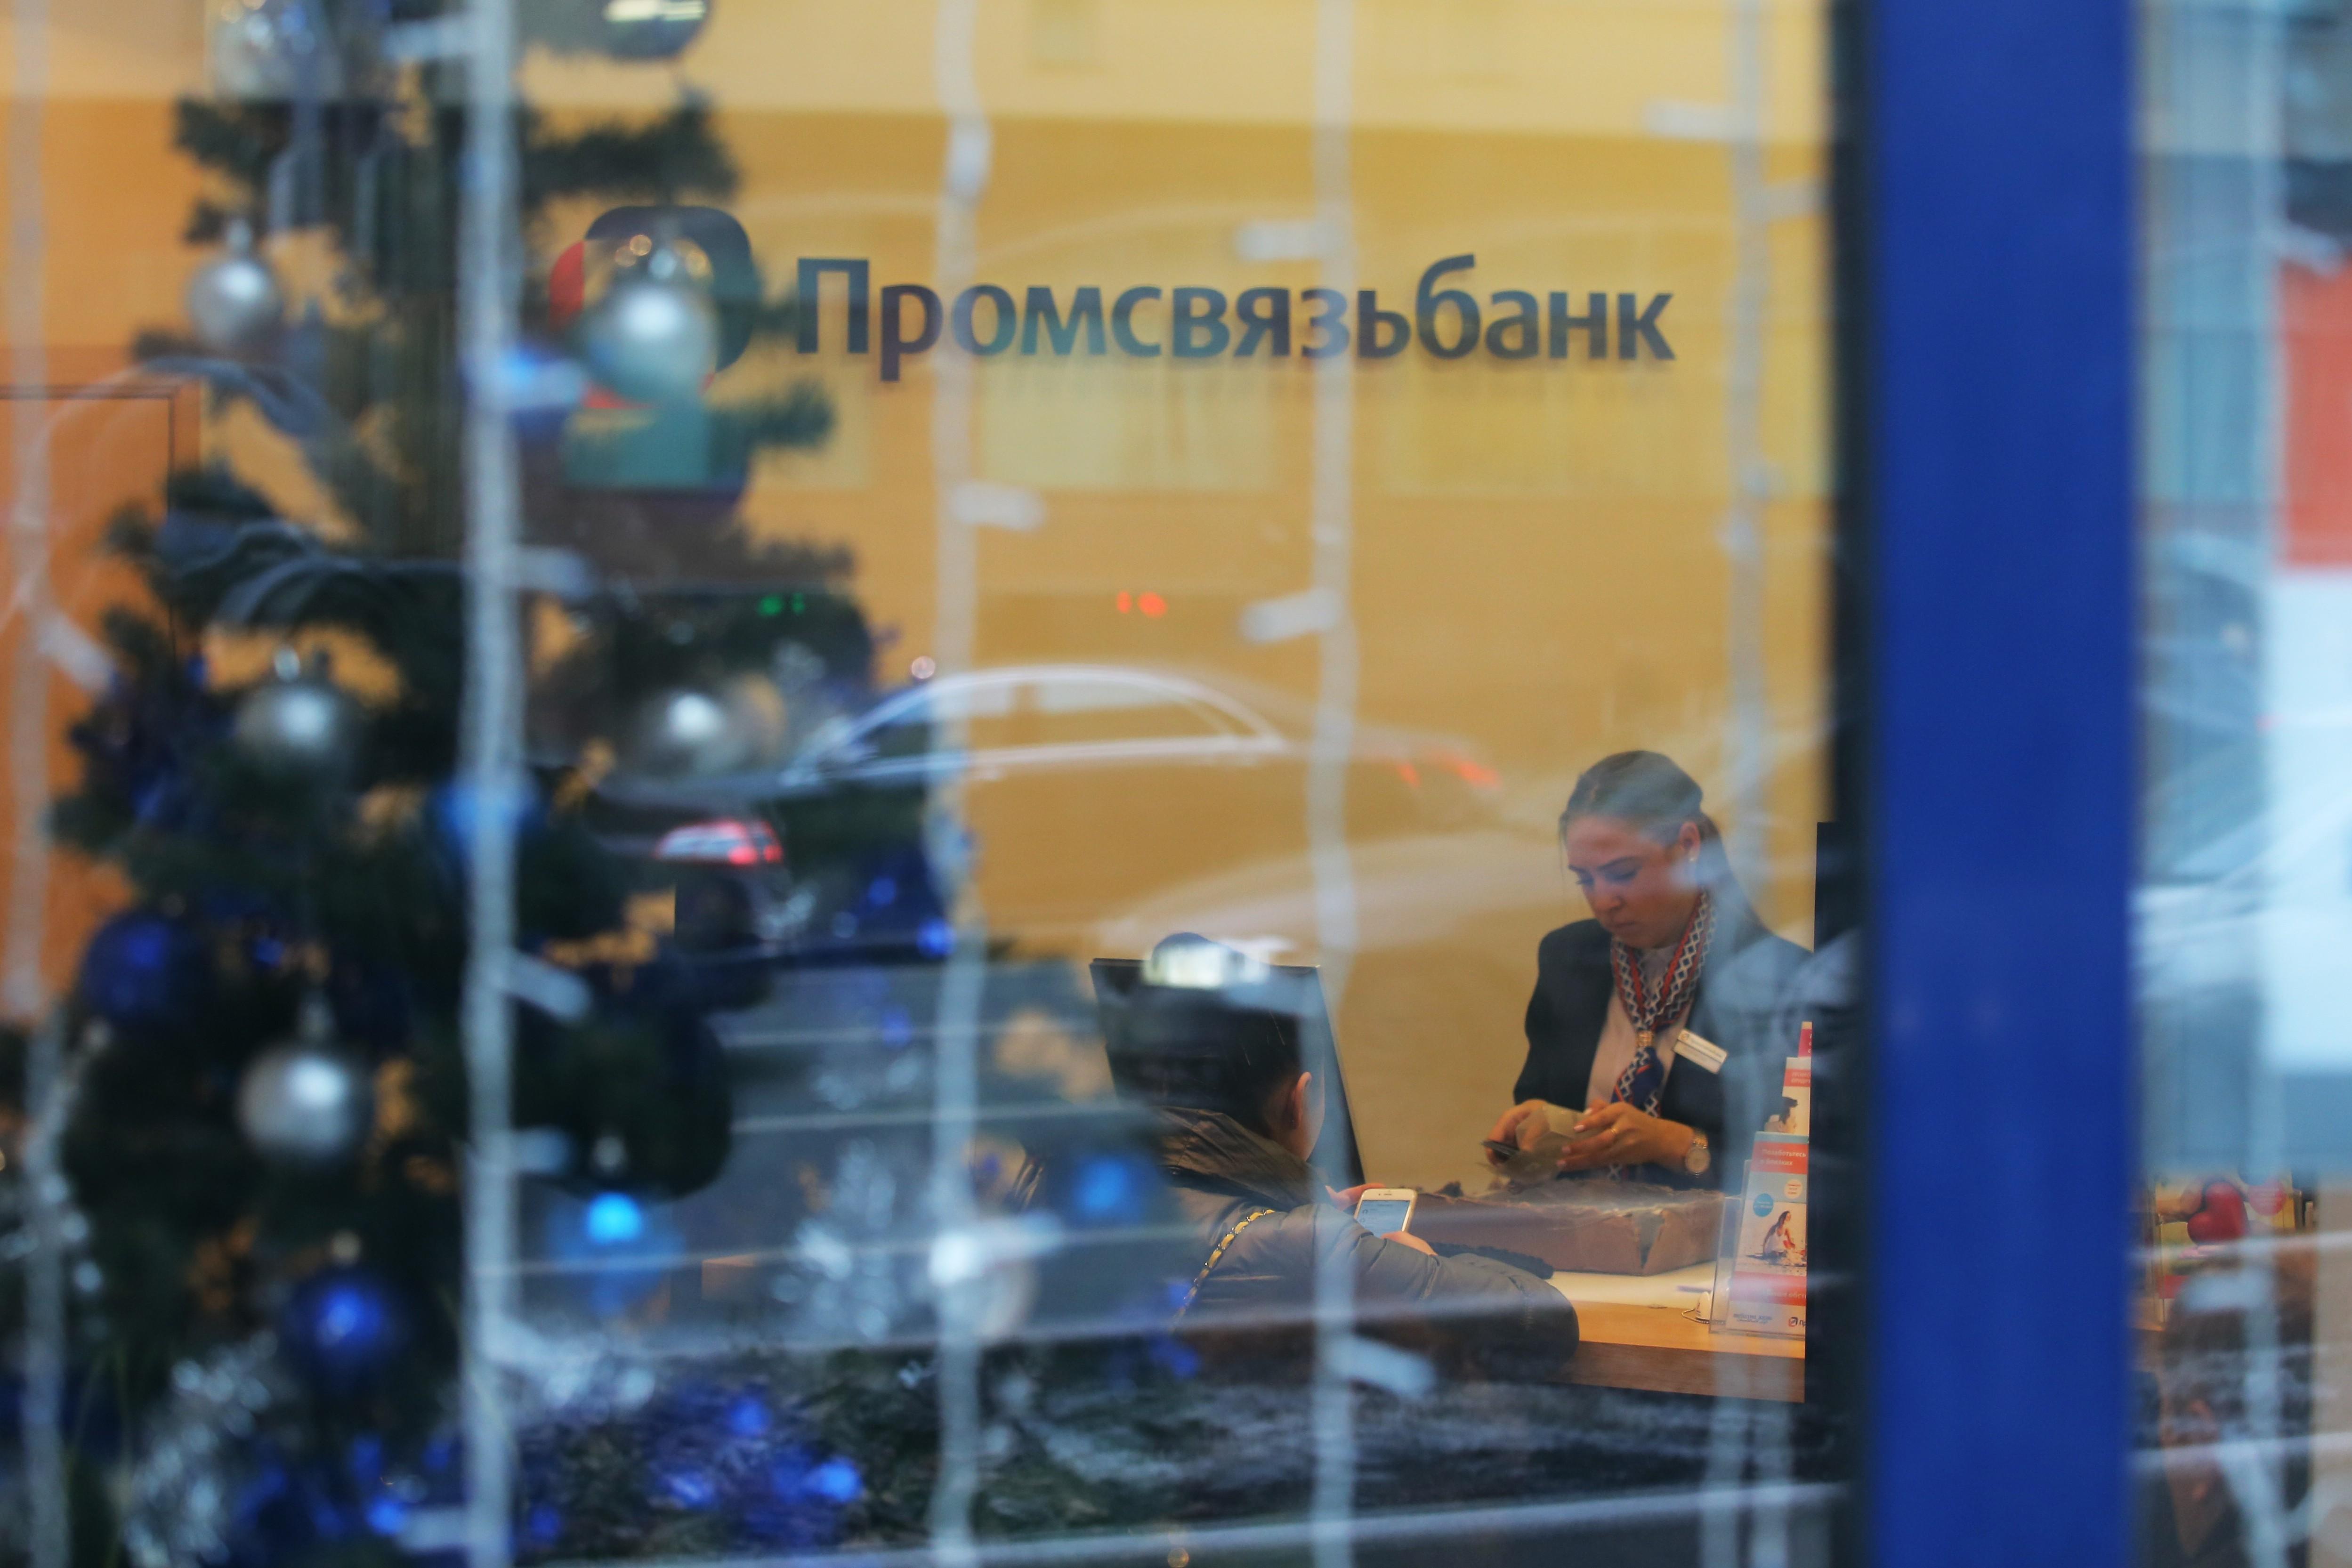 Фото © РИА Новости/Виталий Белоусов